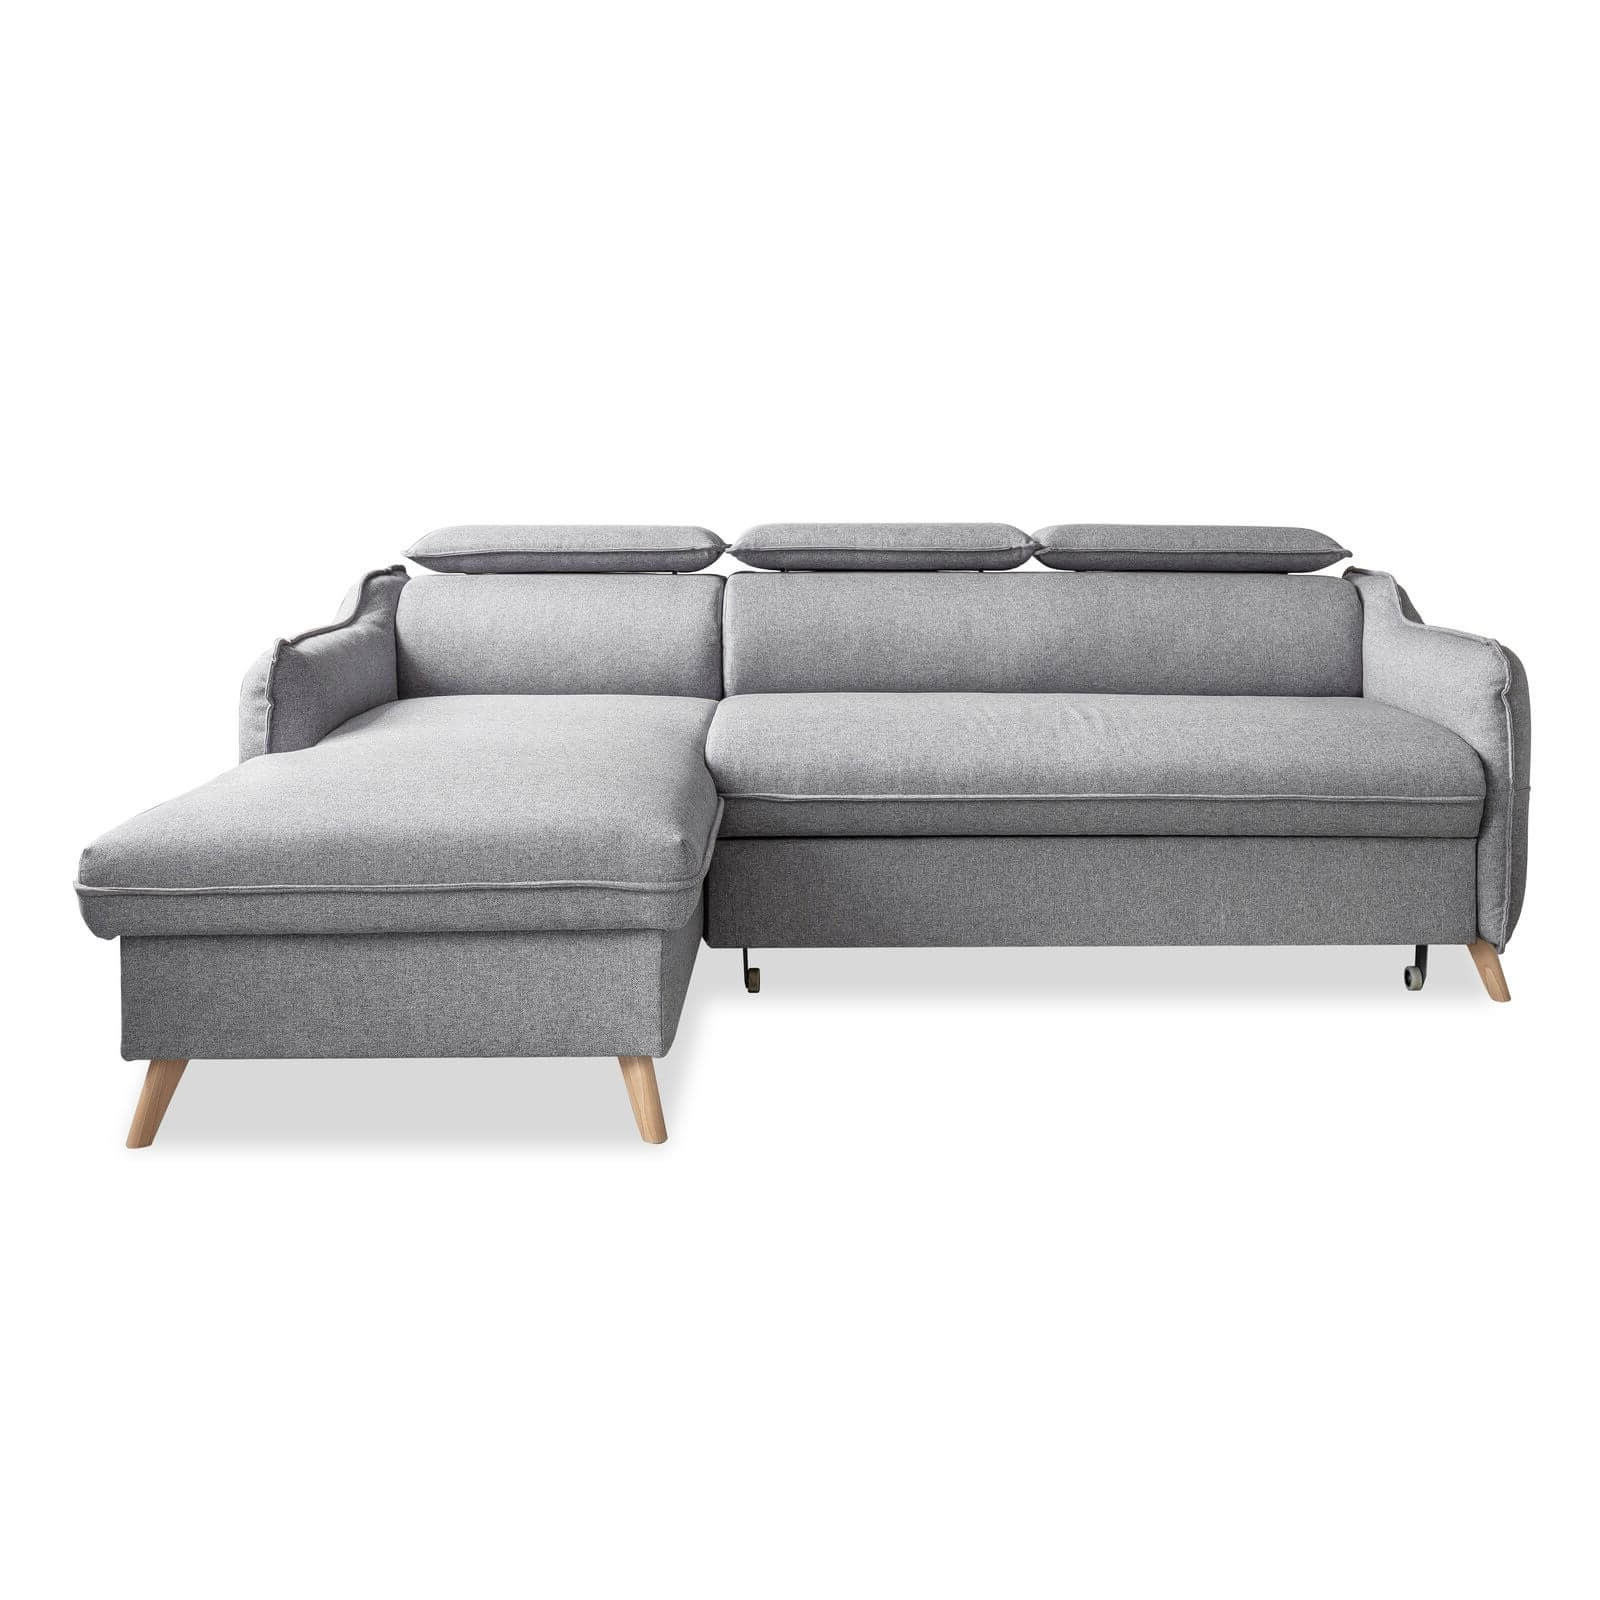 Canapé d'angle 4 places Gris Tissu Contemporain Confort